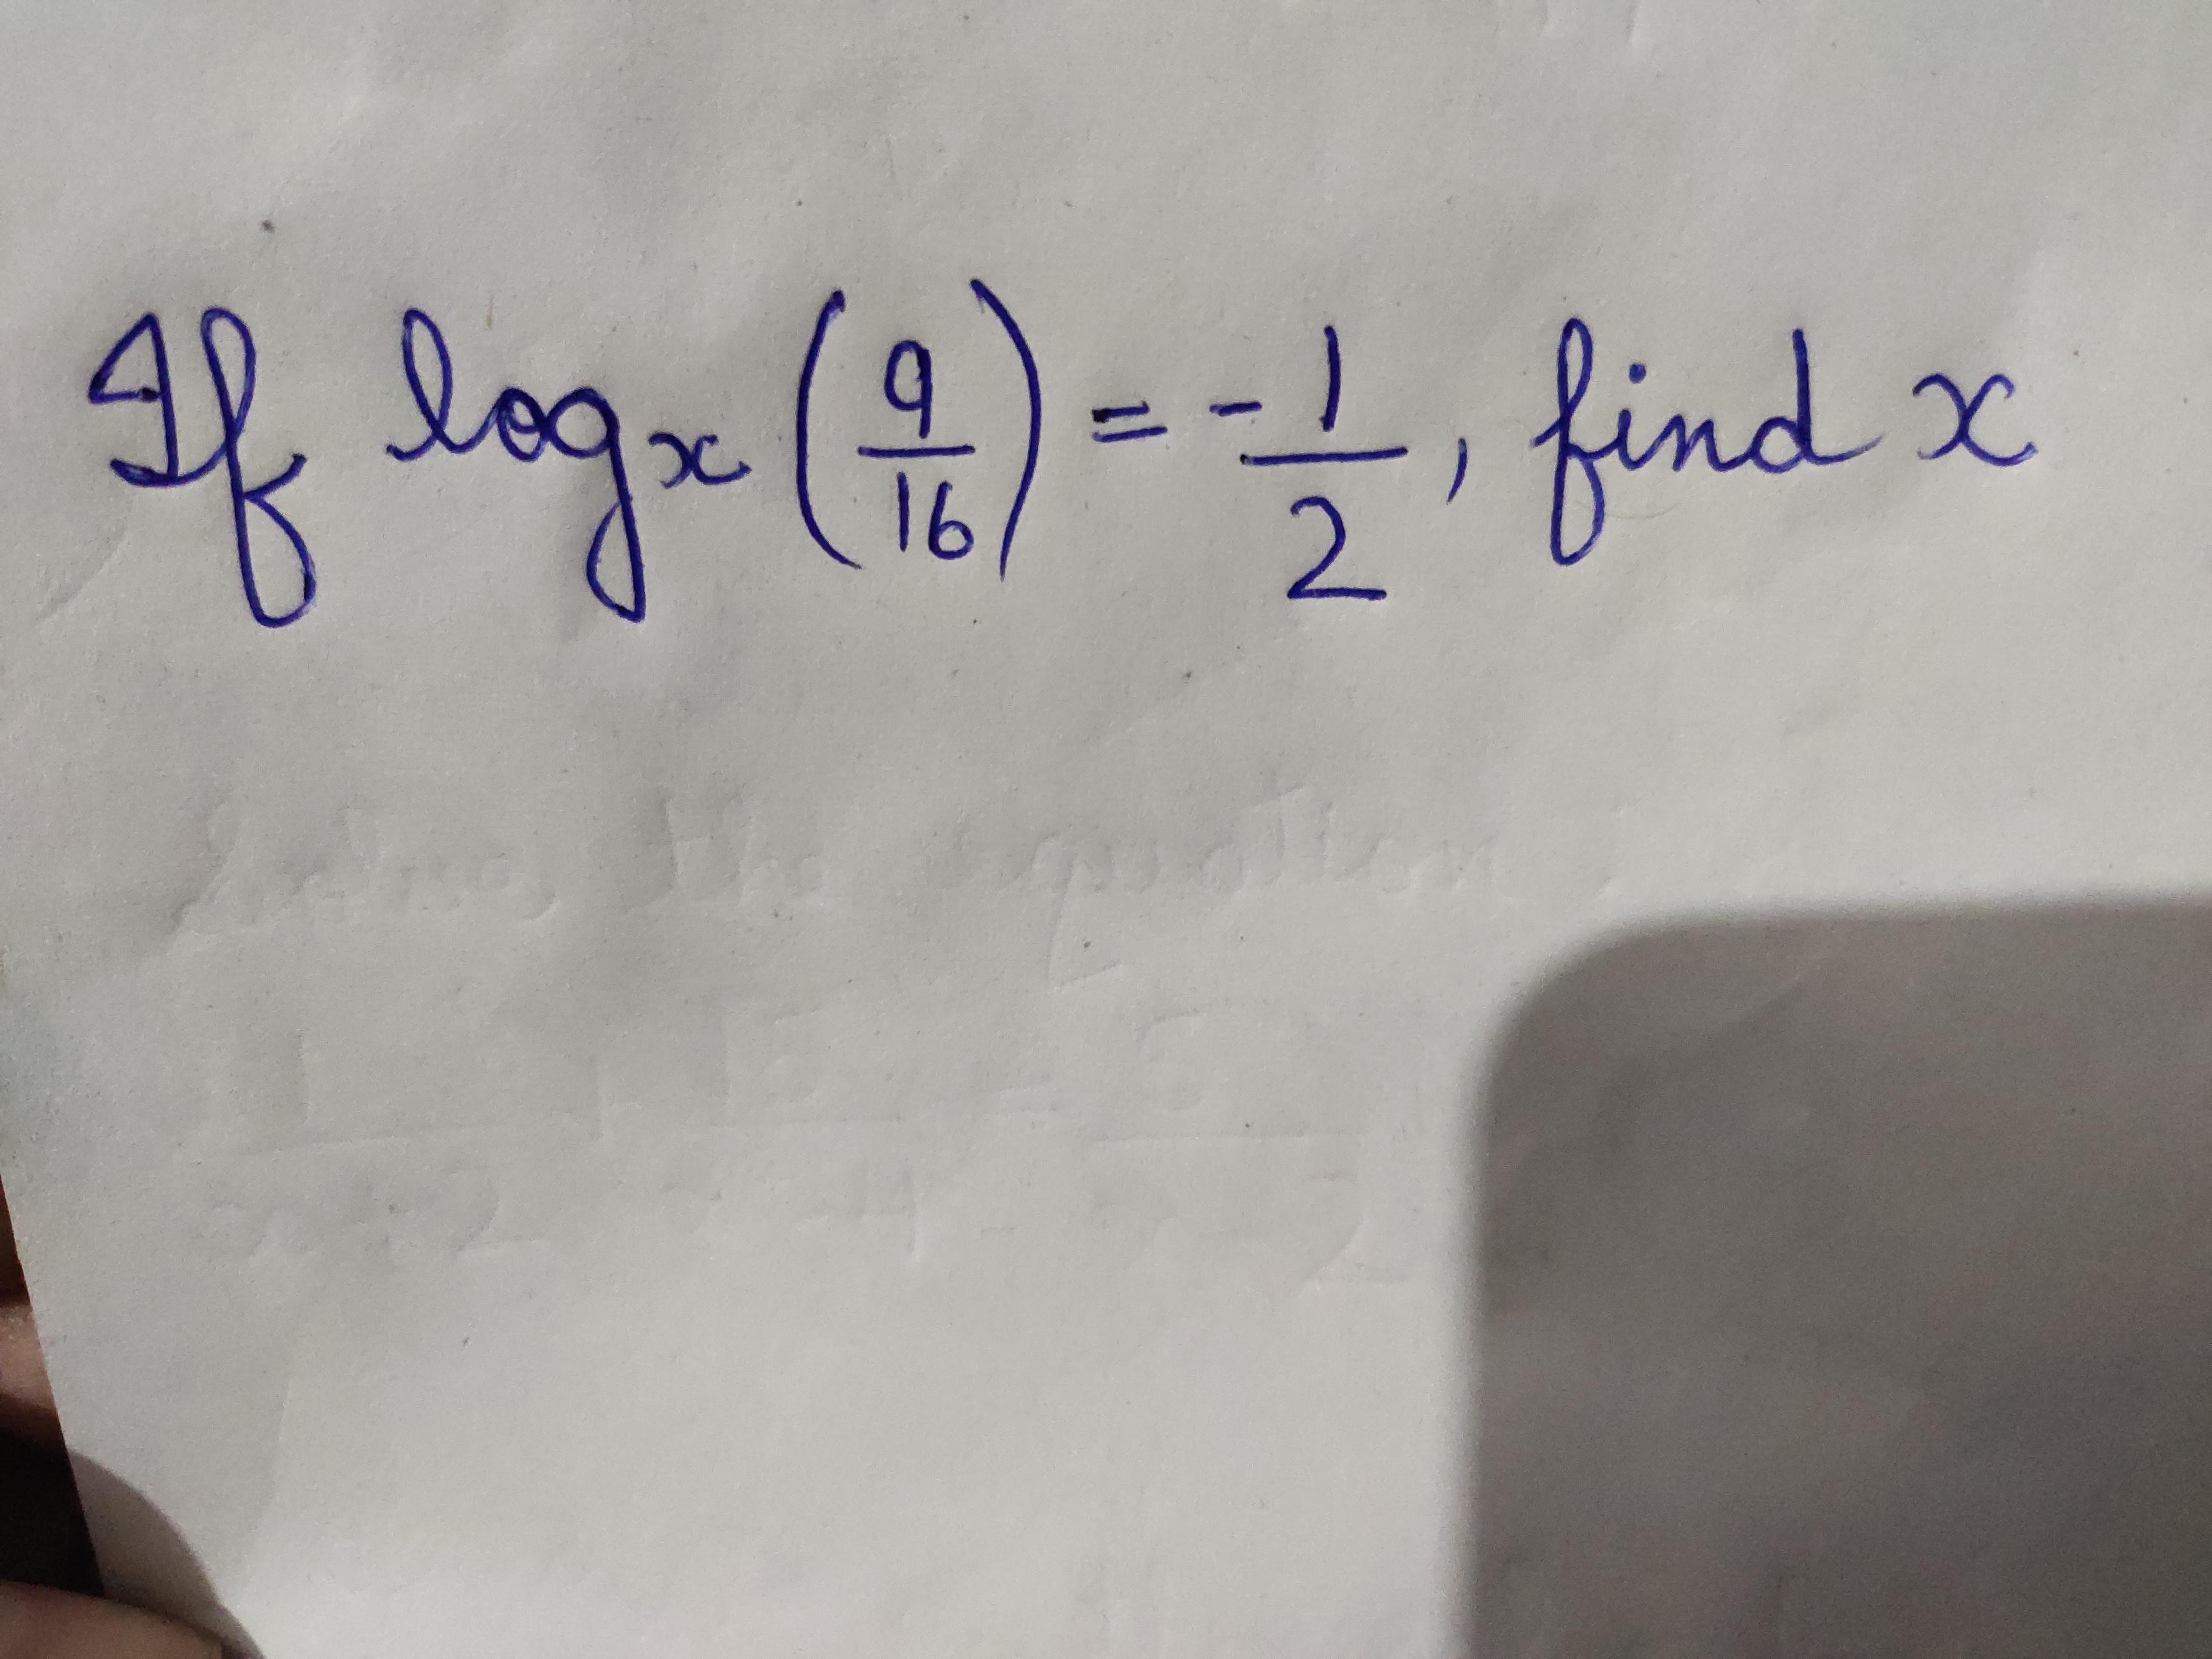 af lage (2)---, find x 16